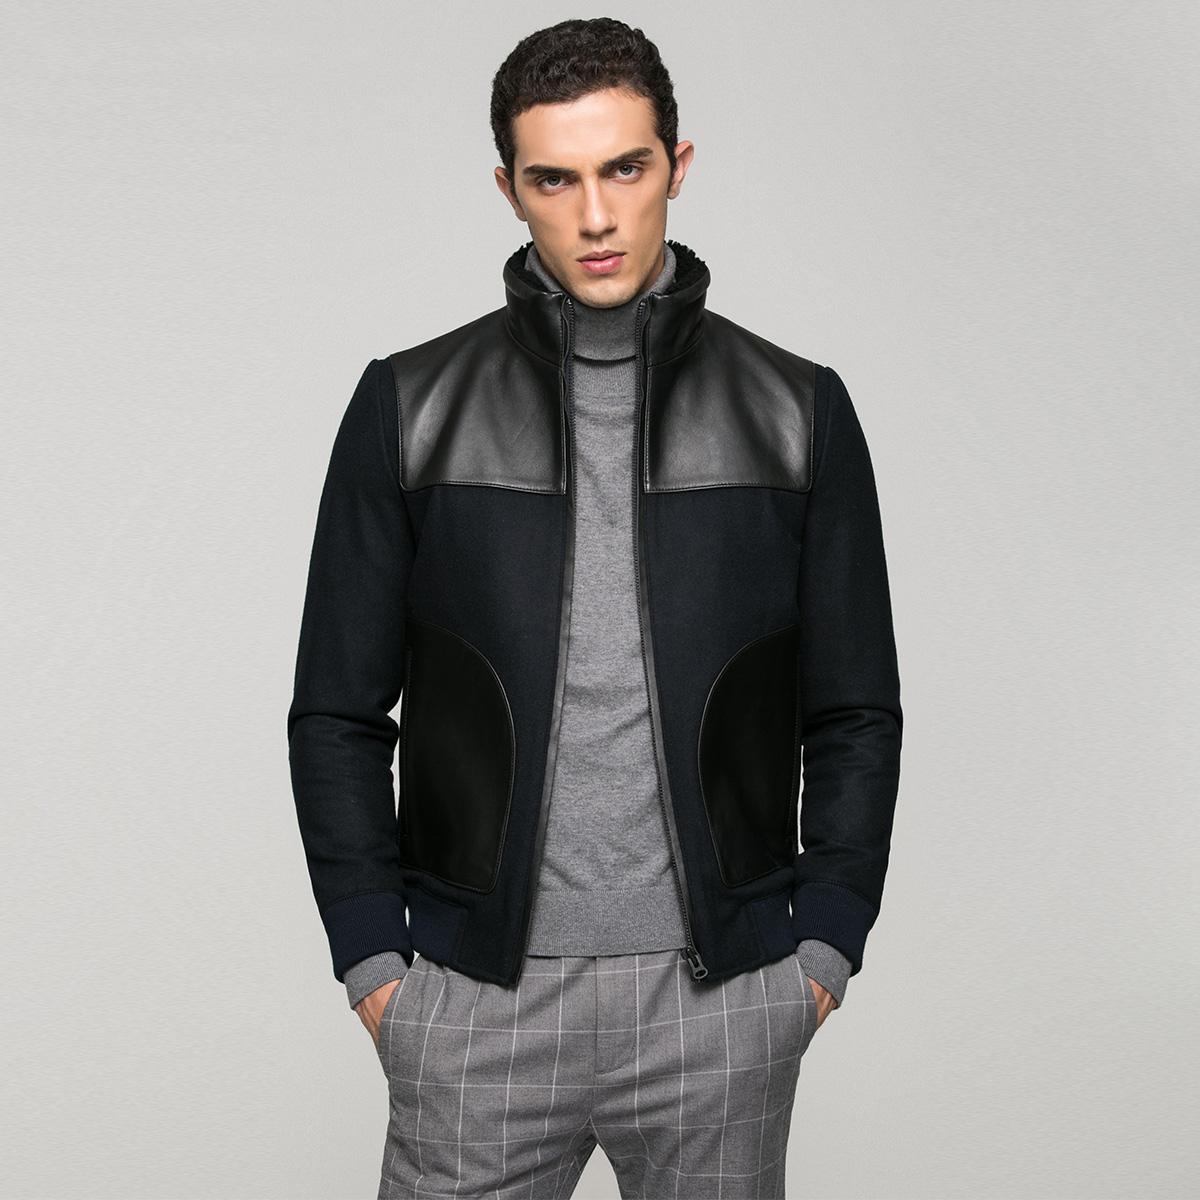 JackJones джек агат этот чистая овечья мех мужской одежды локомотив куртка S|216410504